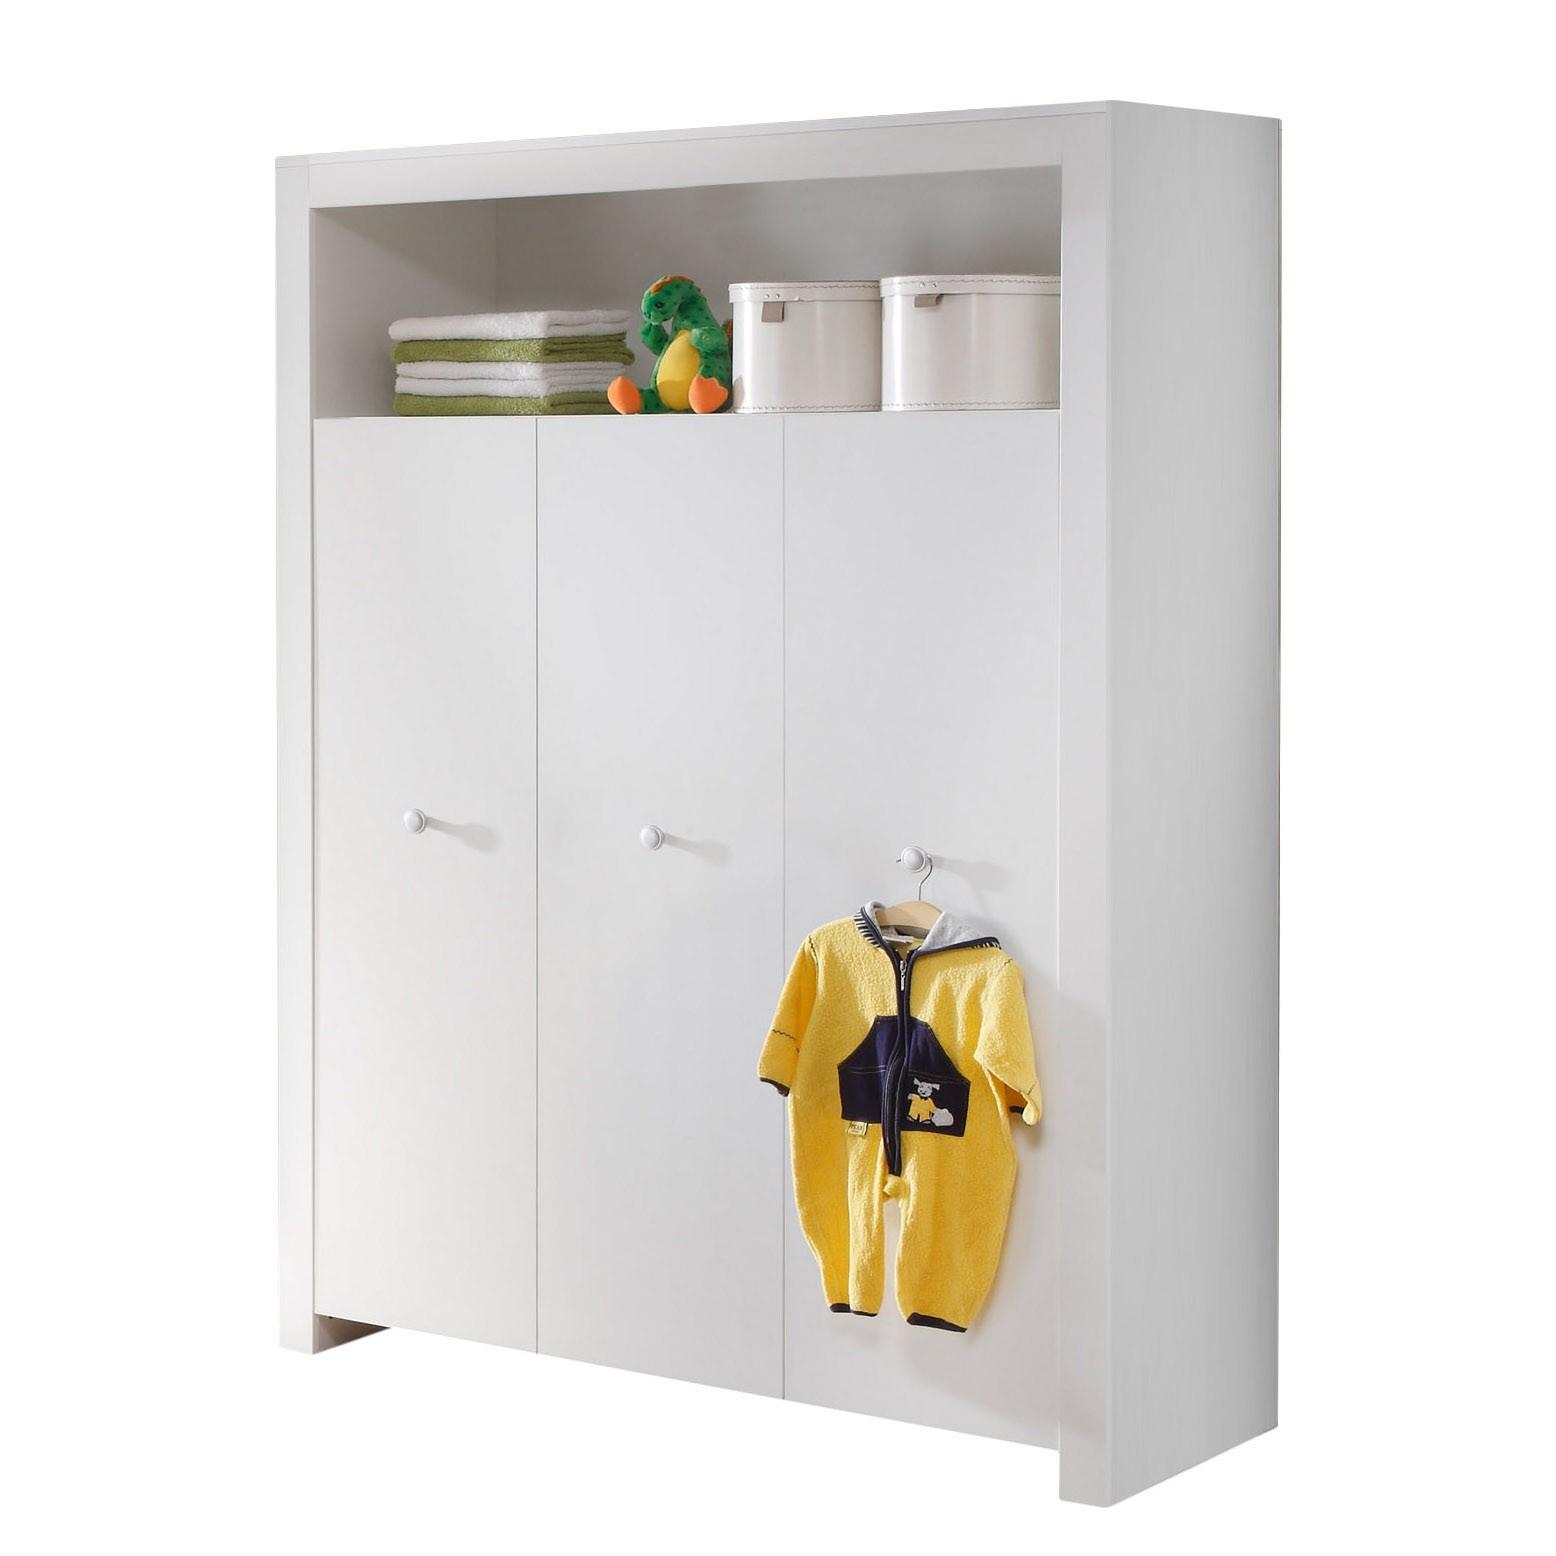 Armoire à vêtements Java - Blanc, Trendteam